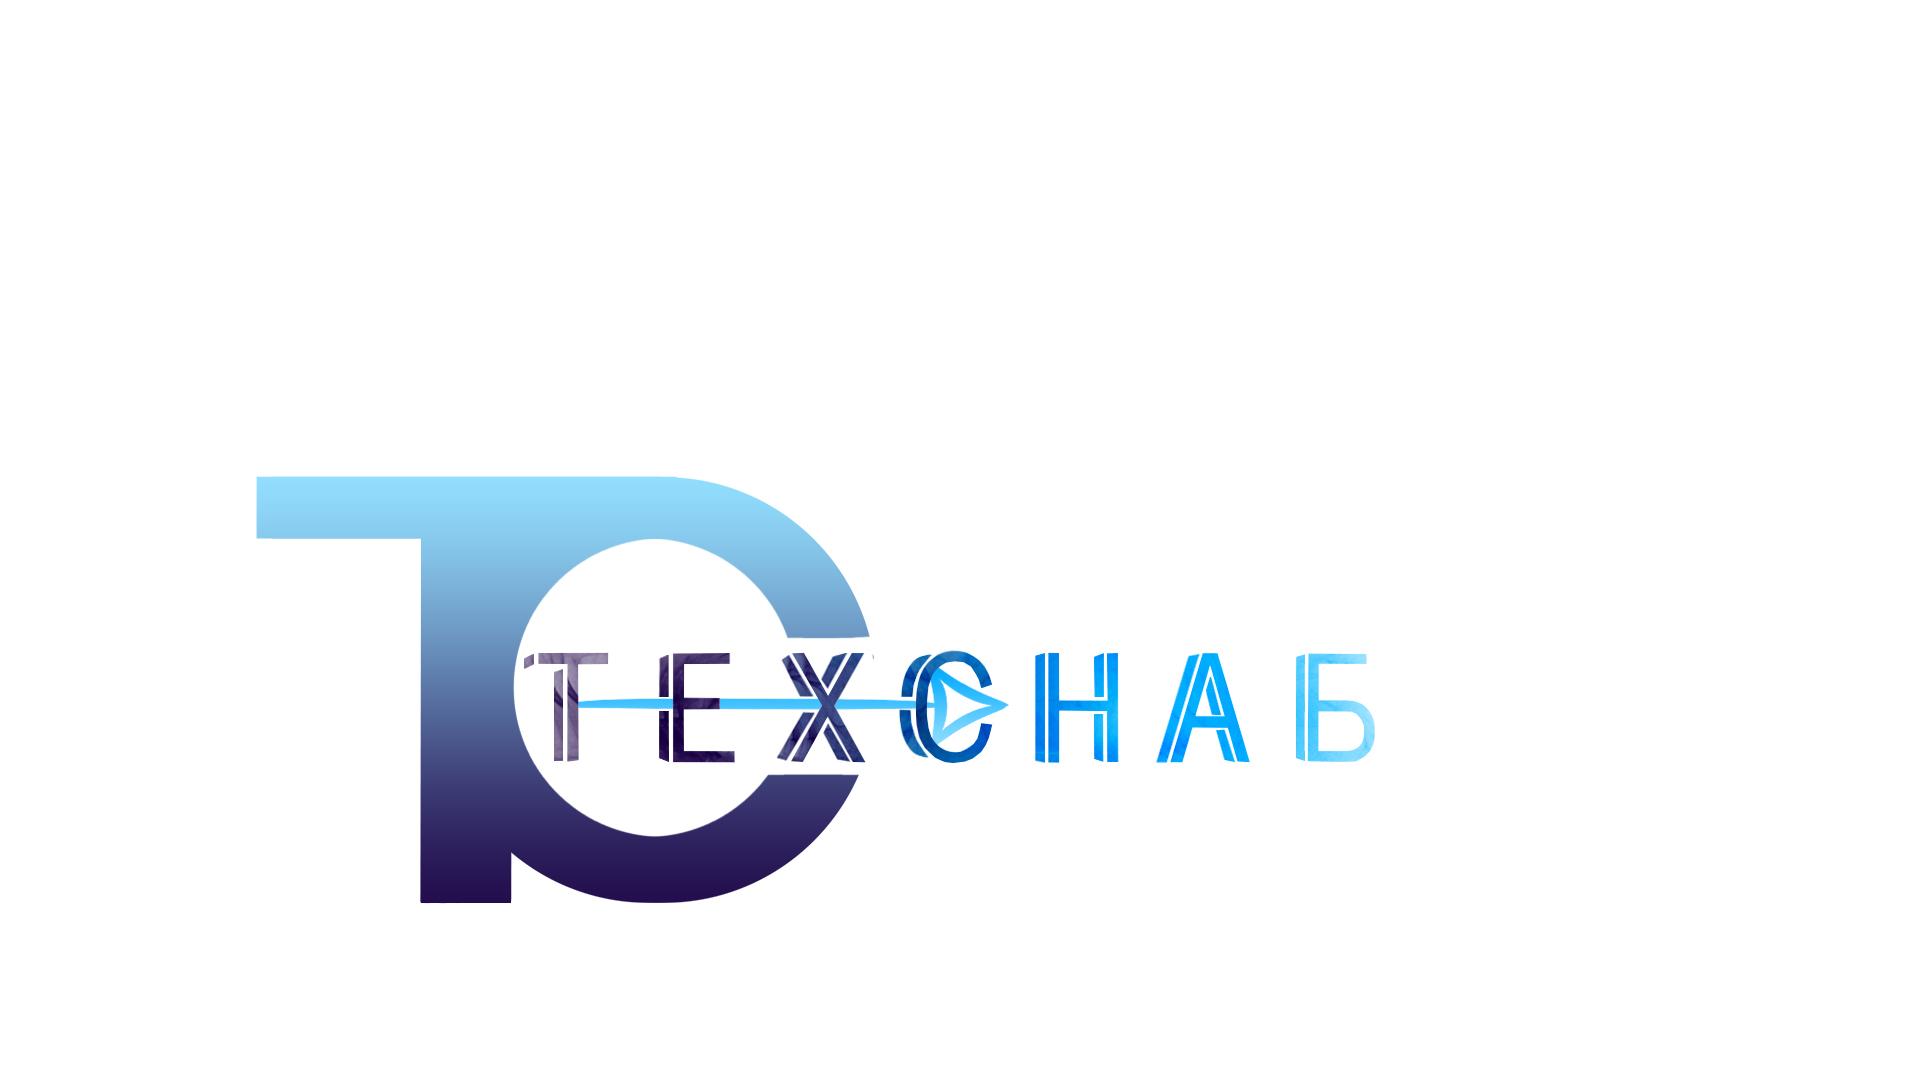 Разработка логотипа и фирм. стиля компании  ТЕХСНАБ фото f_7665b1e99ac09b2d.jpg